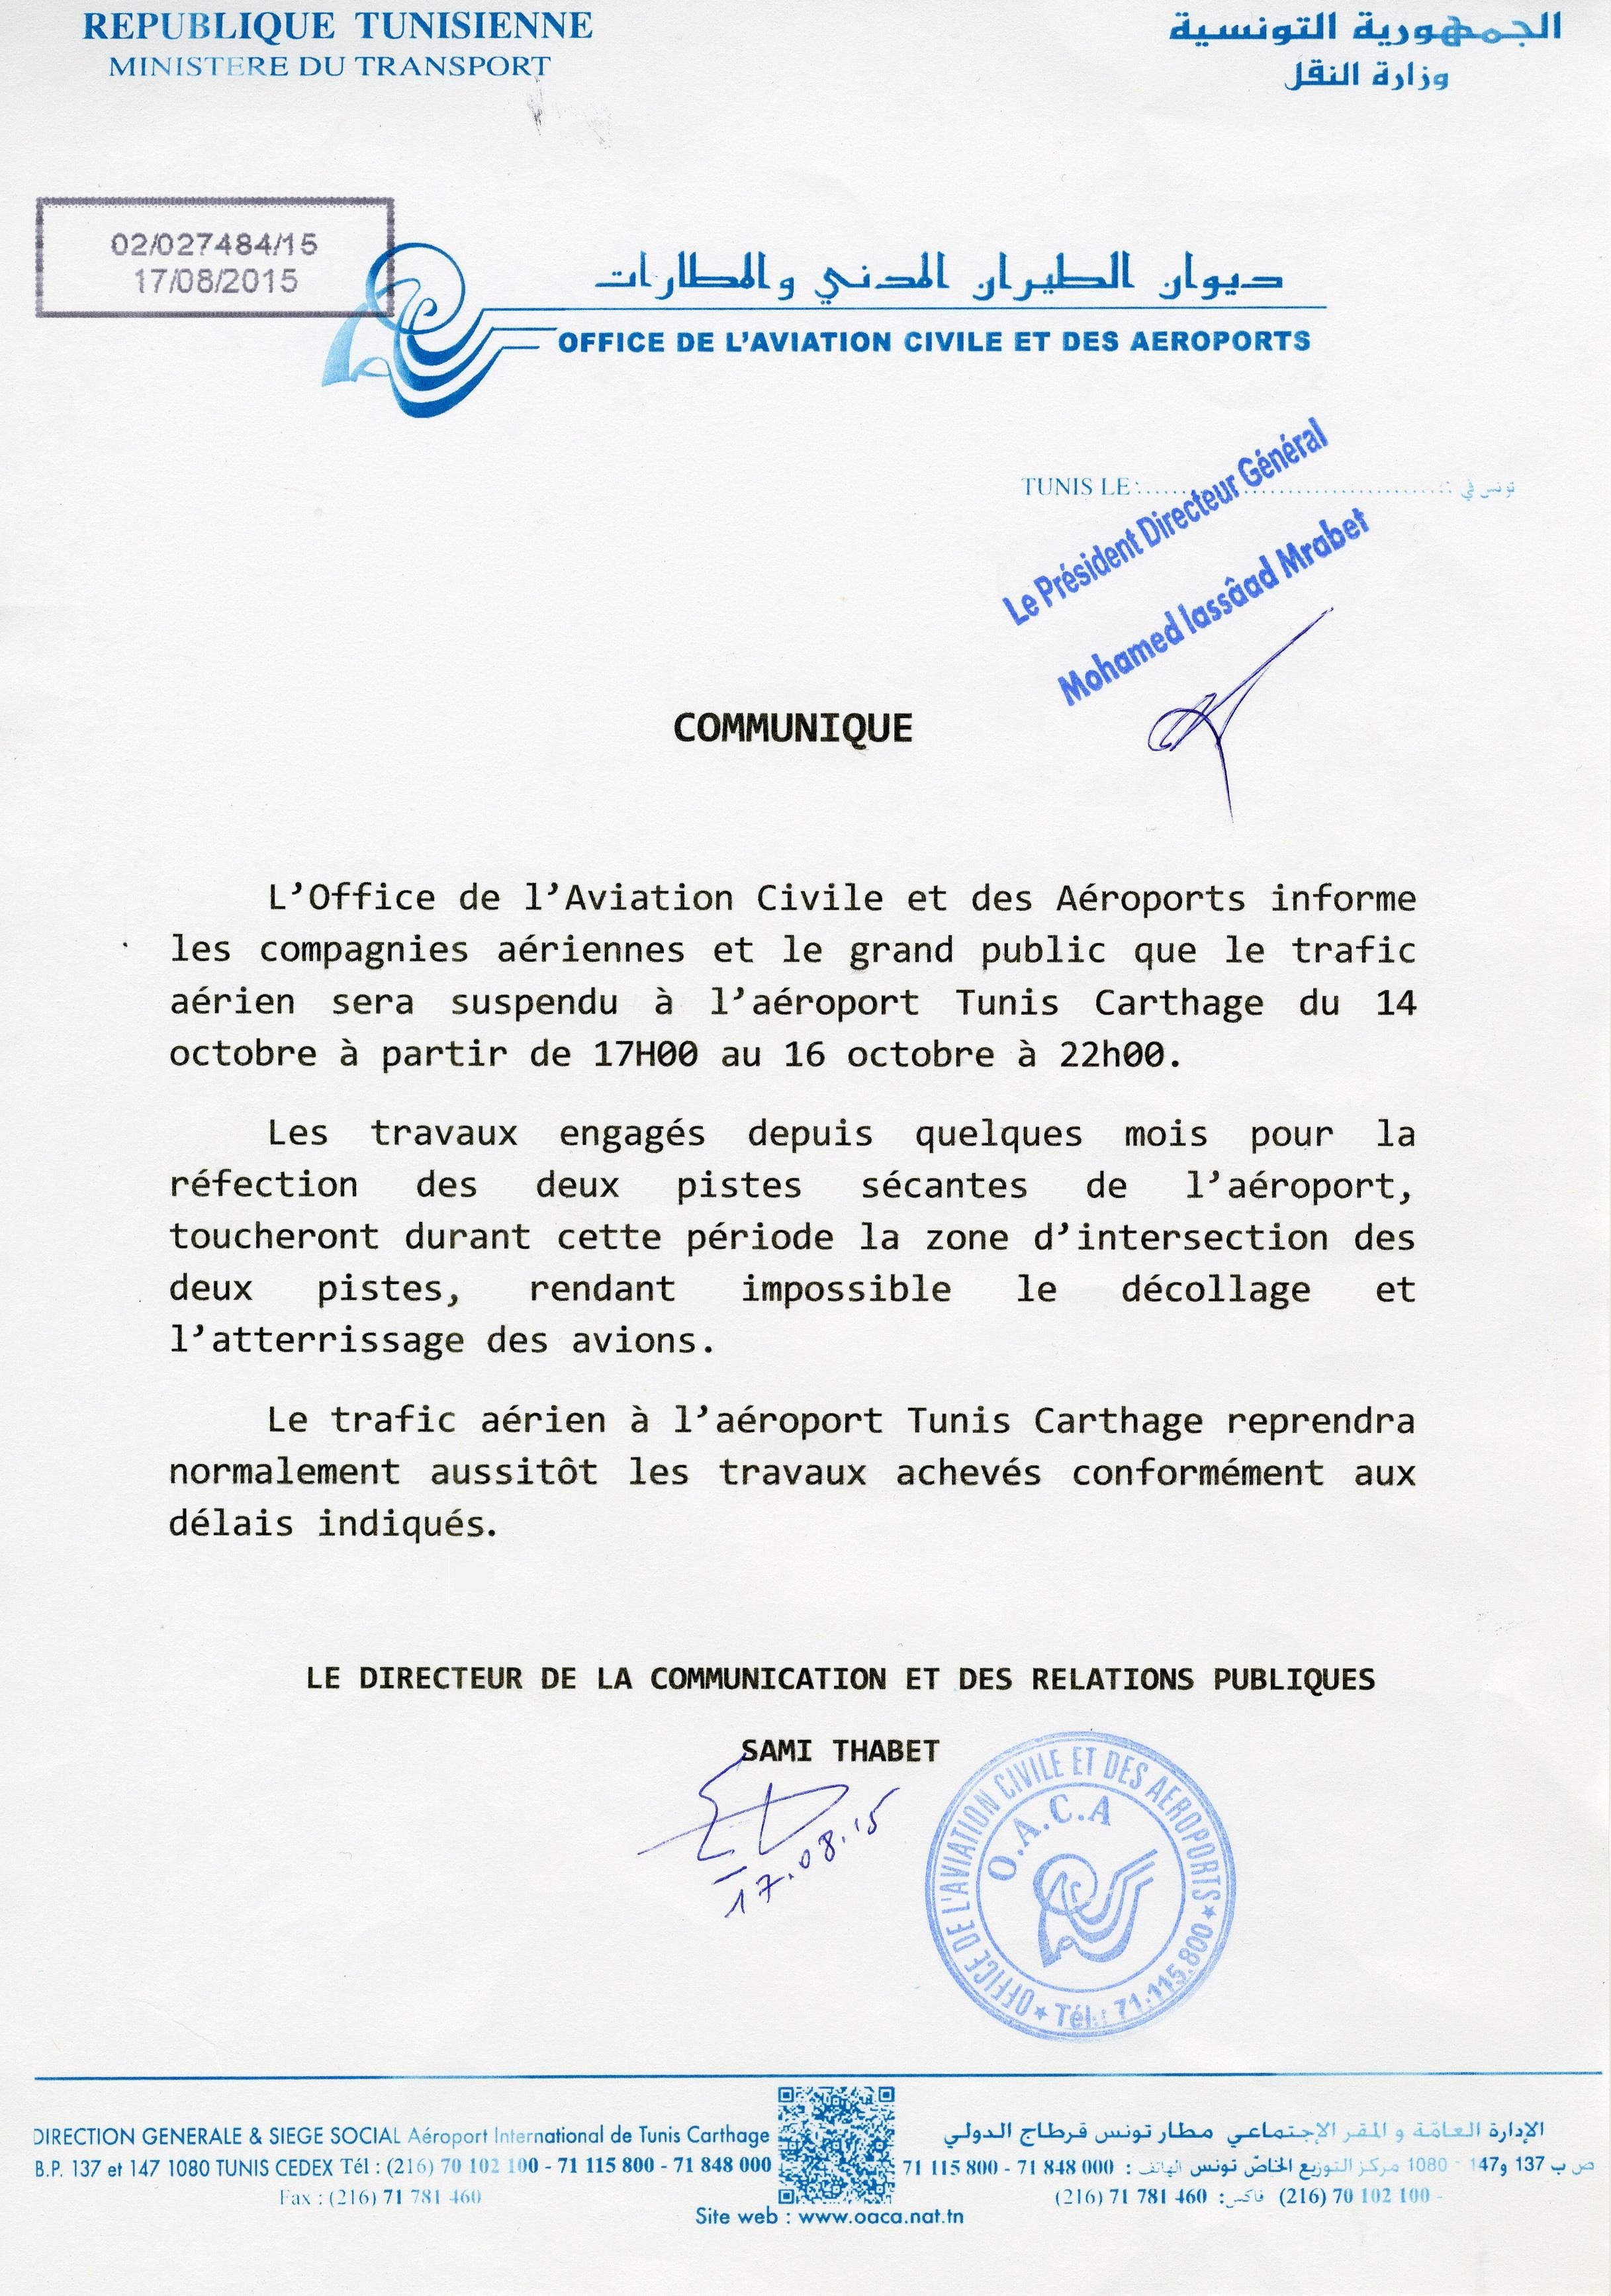 Tunis le trafic a rien suspendu l 39 a roport du 14 au 16 - Office de l aviation civile et des aeroports tunisie ...